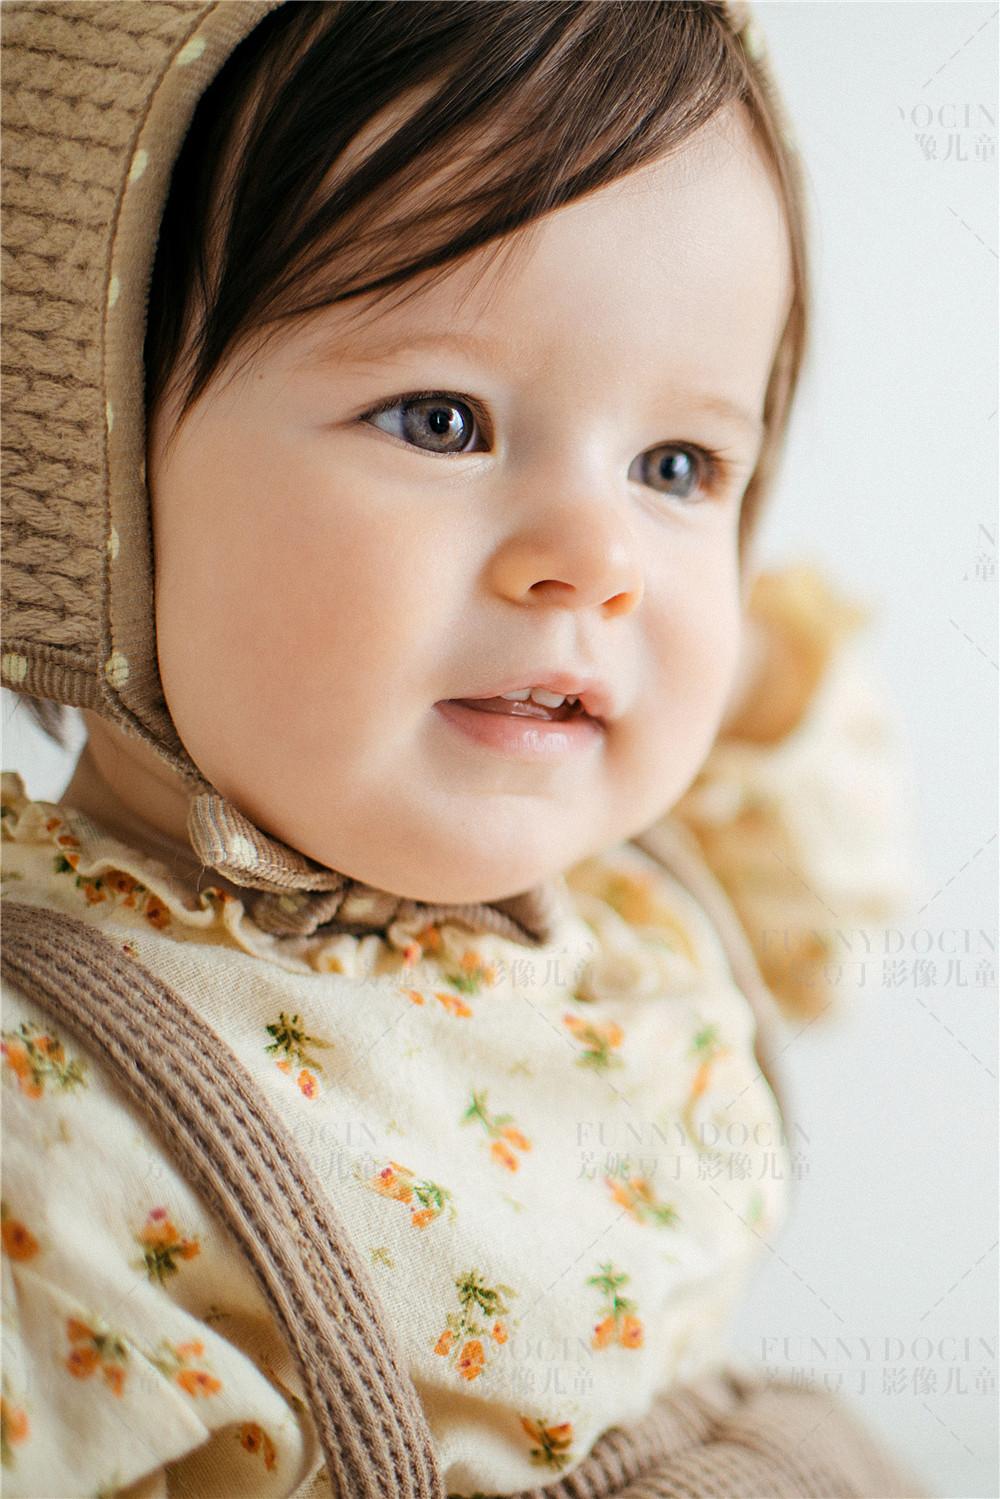 芳妮豆丁儿童摄影 105°的微笑